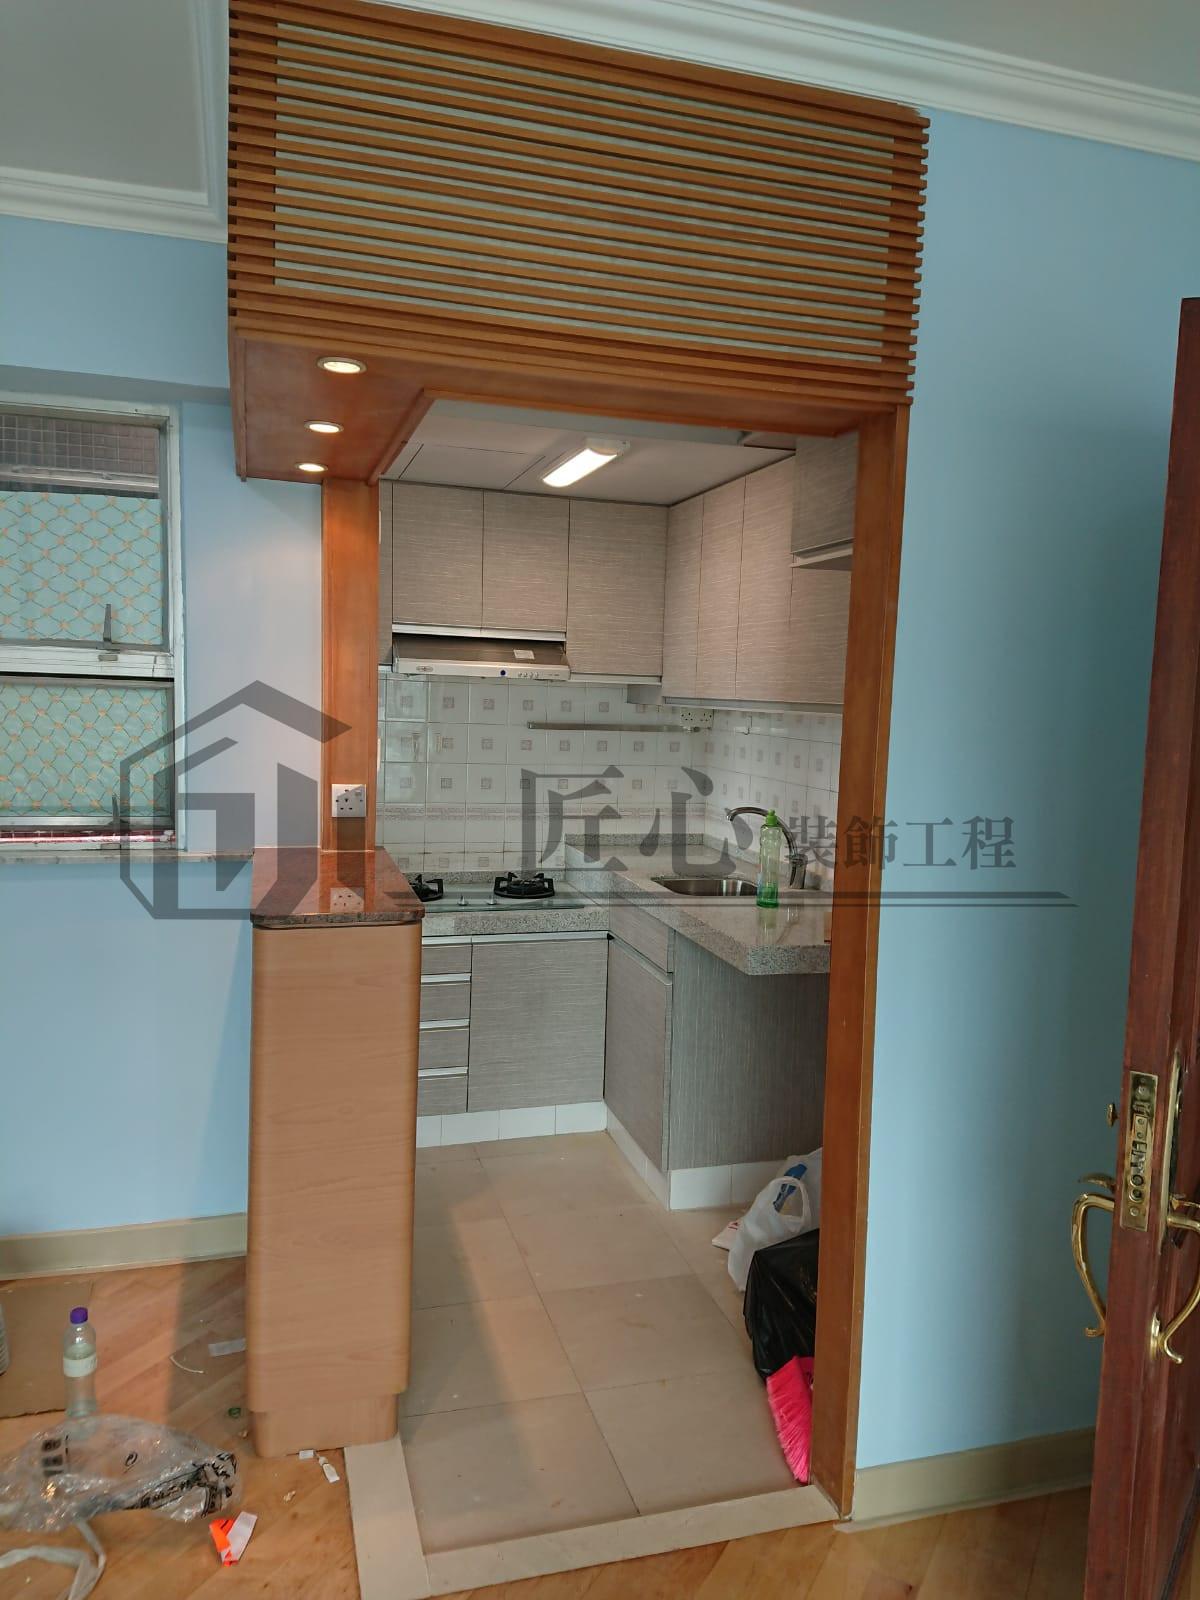 土瓜灣單位 - 匠心裝飾工程 - 全屋裝修. 室內設計. 室內裝修. 家居翻新. 辦公司裝修